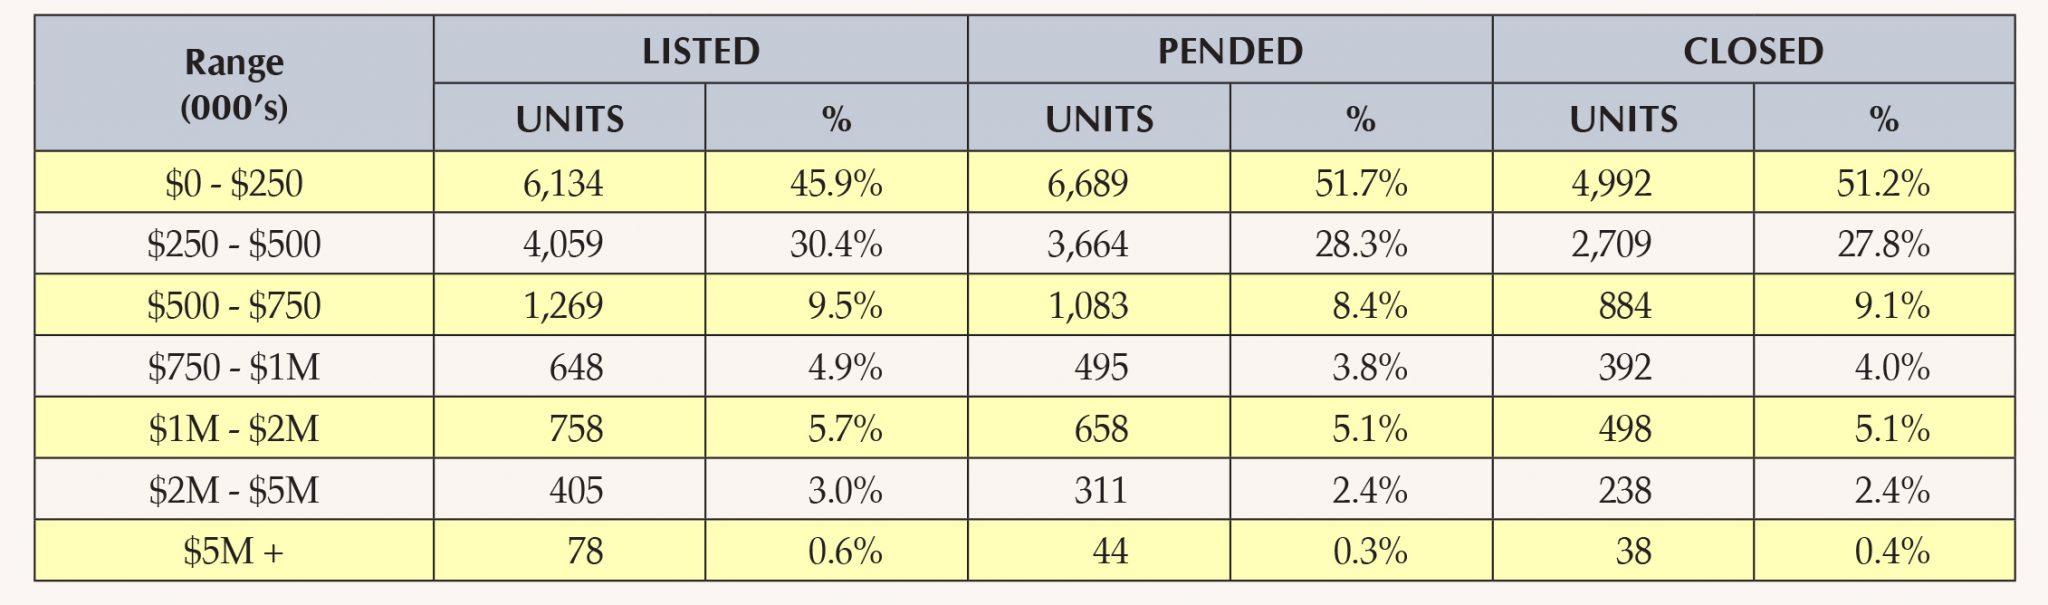 Market Report Sept 2013.indd